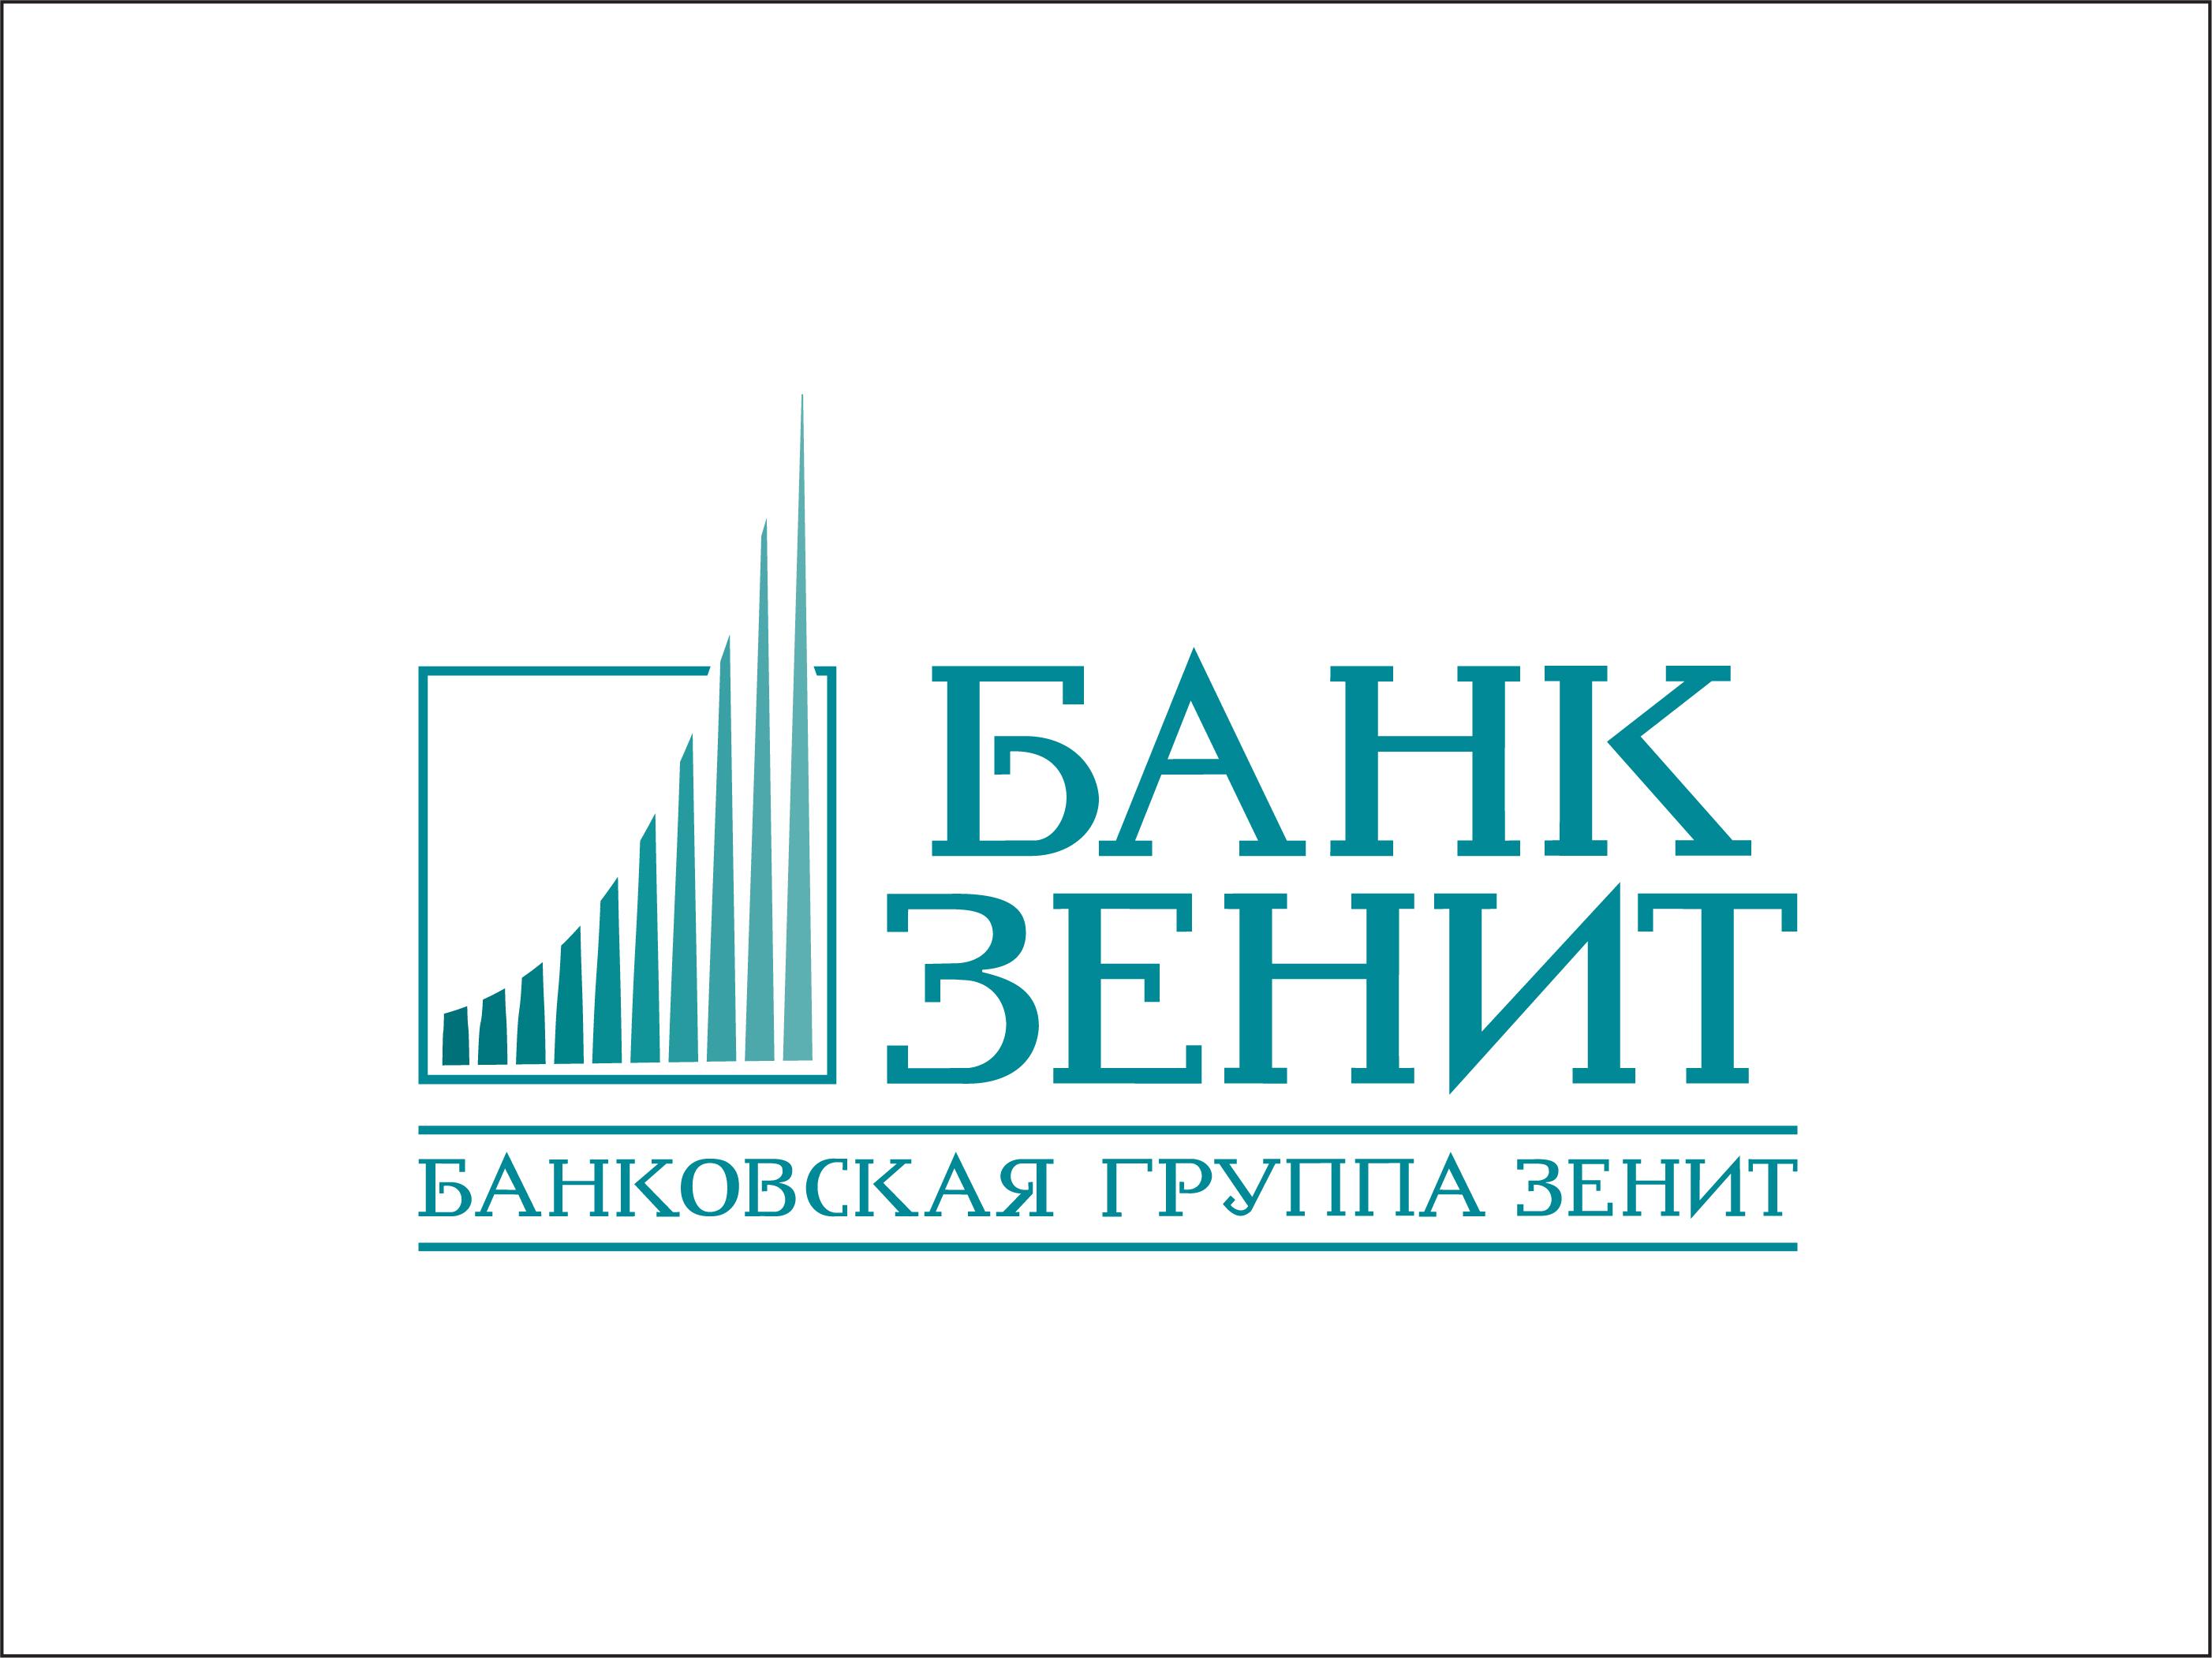 Разработка логотипа для Банка ЗЕНИТ фото f_1965b4b3d1d22a6b.jpg